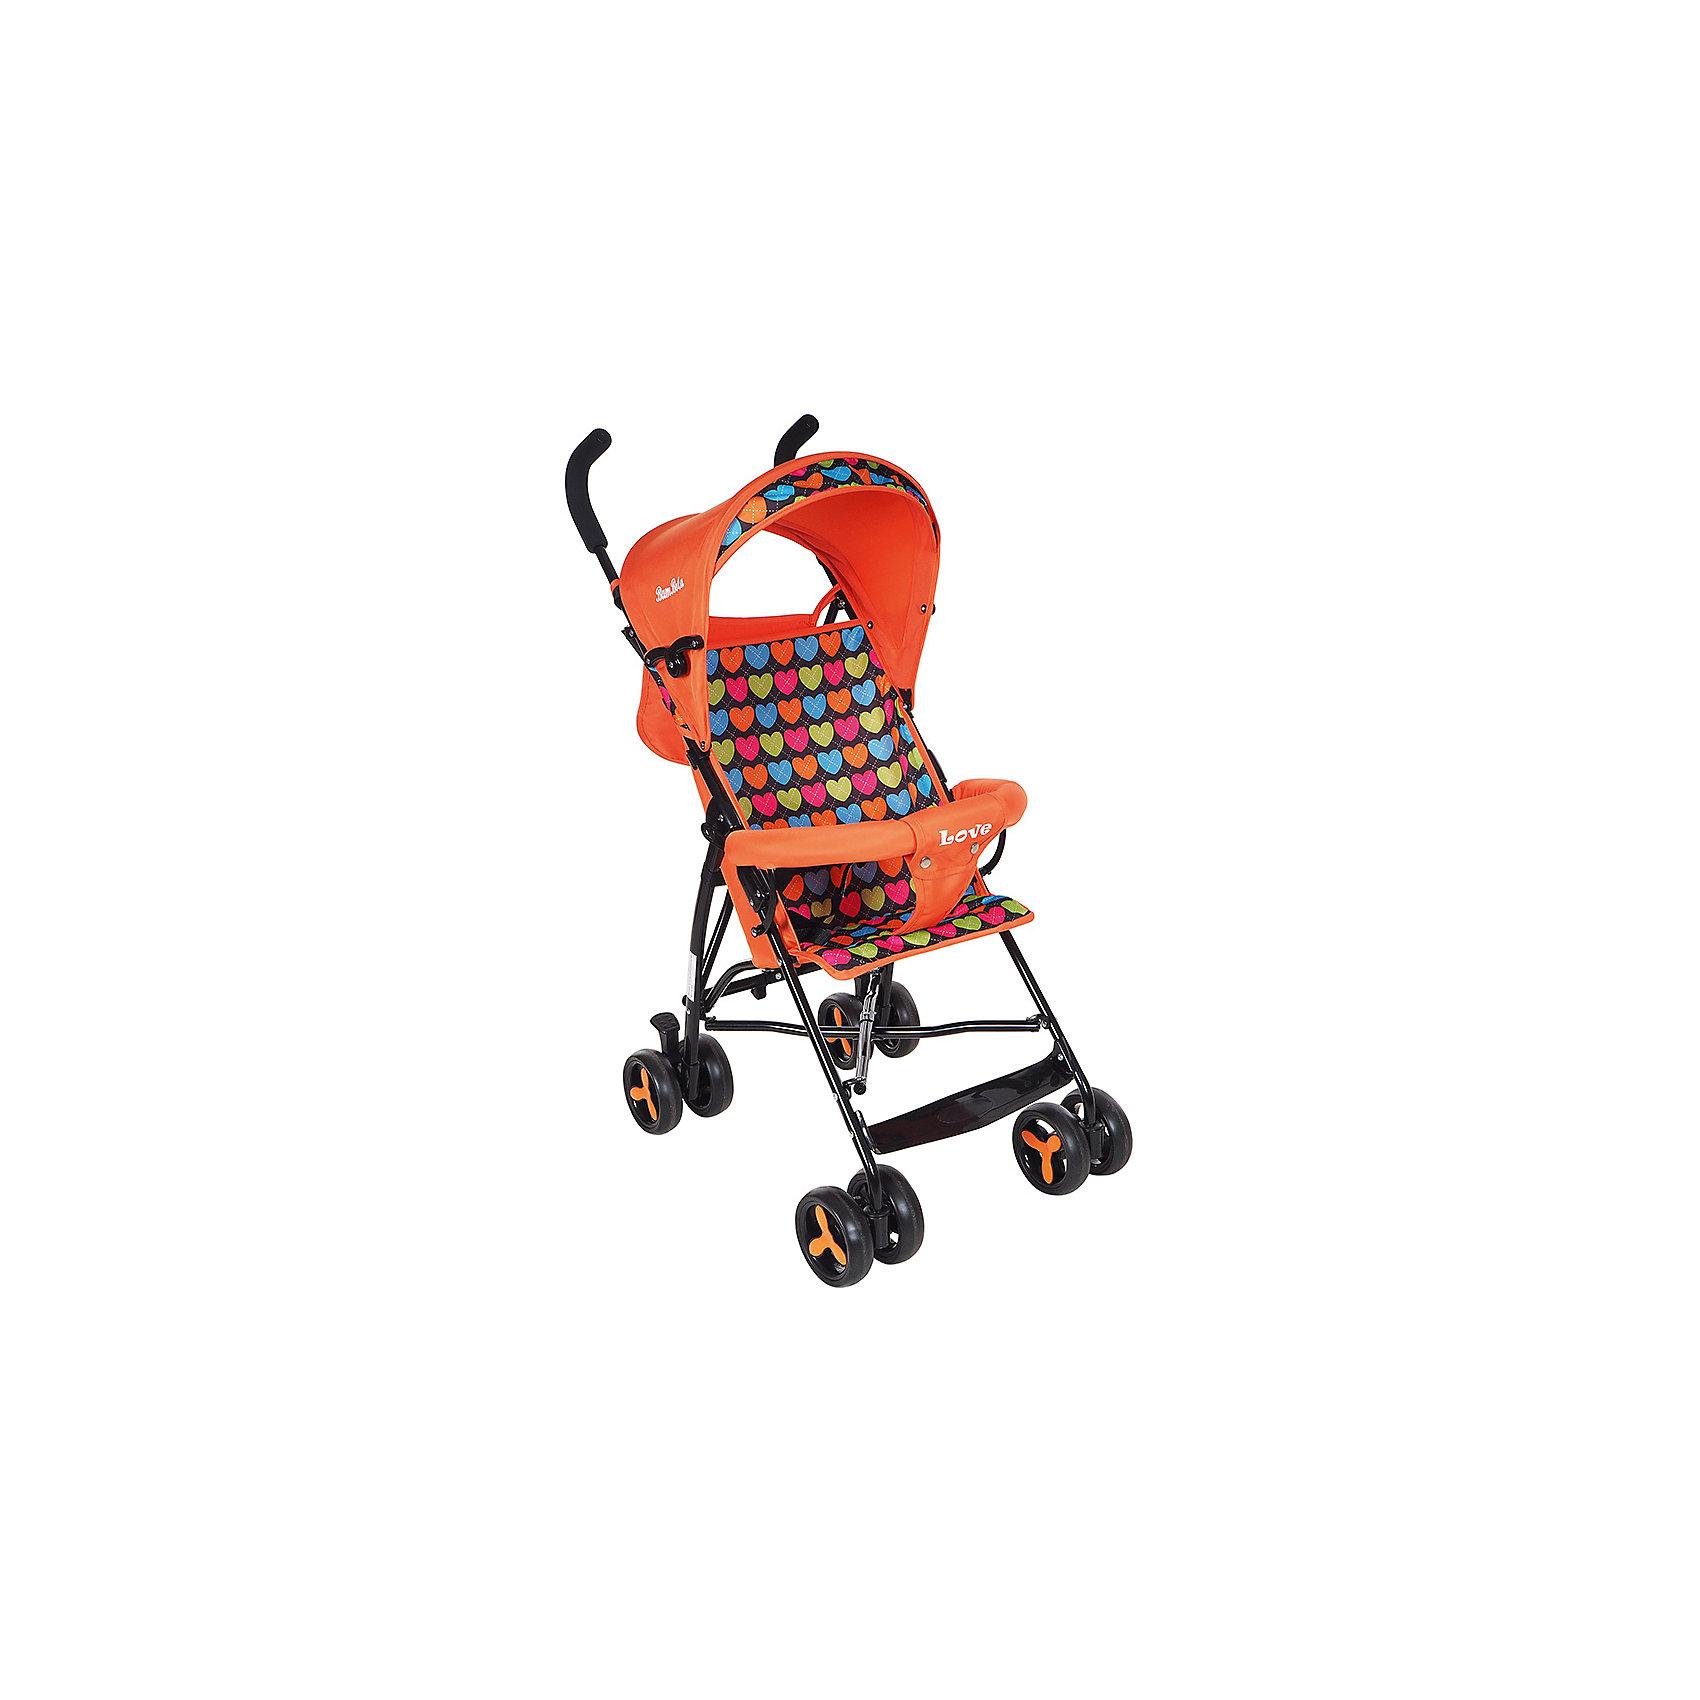 Коляска-трость Bambola Love, оранжевыйНедорогие коляски<br>Характеристики коляски-трости Bambola Love<br><br>Прогулочный блок:<br><br>• спинка коляски находится в фиксированном положении: сидя;<br>• подножка находится в фиксированном положении;<br>• страховочный бампер фиксирован;<br>• имеется капюшон с солнцезащитным козырьком;<br>• 3-х точечные ремни безопасности.<br><br>Шасси коляски:<br><br>• сдвоенные колеса, ножной тормоз;<br>• диаметр колес: 15,5 см;<br>• дополнительная пластиковая гибкая подножка для подросшего малыша;<br>• механизм складывания: трость;<br>• материал: алюминий, пластик, полиэстер.<br><br>Размер коляски: 80х48х110 см<br>Размер коляски в сложенном виде: 30х40х104 см<br>Вес коляски: 5 кг<br>Вес упаковки: 5,13 кг<br><br>Коляску-трость Love, Bambola, цвет оранжевый можно купить в нашем интернет-магазине.<br><br>Ширина мм: 300<br>Глубина мм: 400<br>Высота мм: 1040<br>Вес г: 5130<br>Возраст от месяцев: 8<br>Возраст до месяцев: 36<br>Пол: Унисекс<br>Возраст: Детский<br>SKU: 5559179